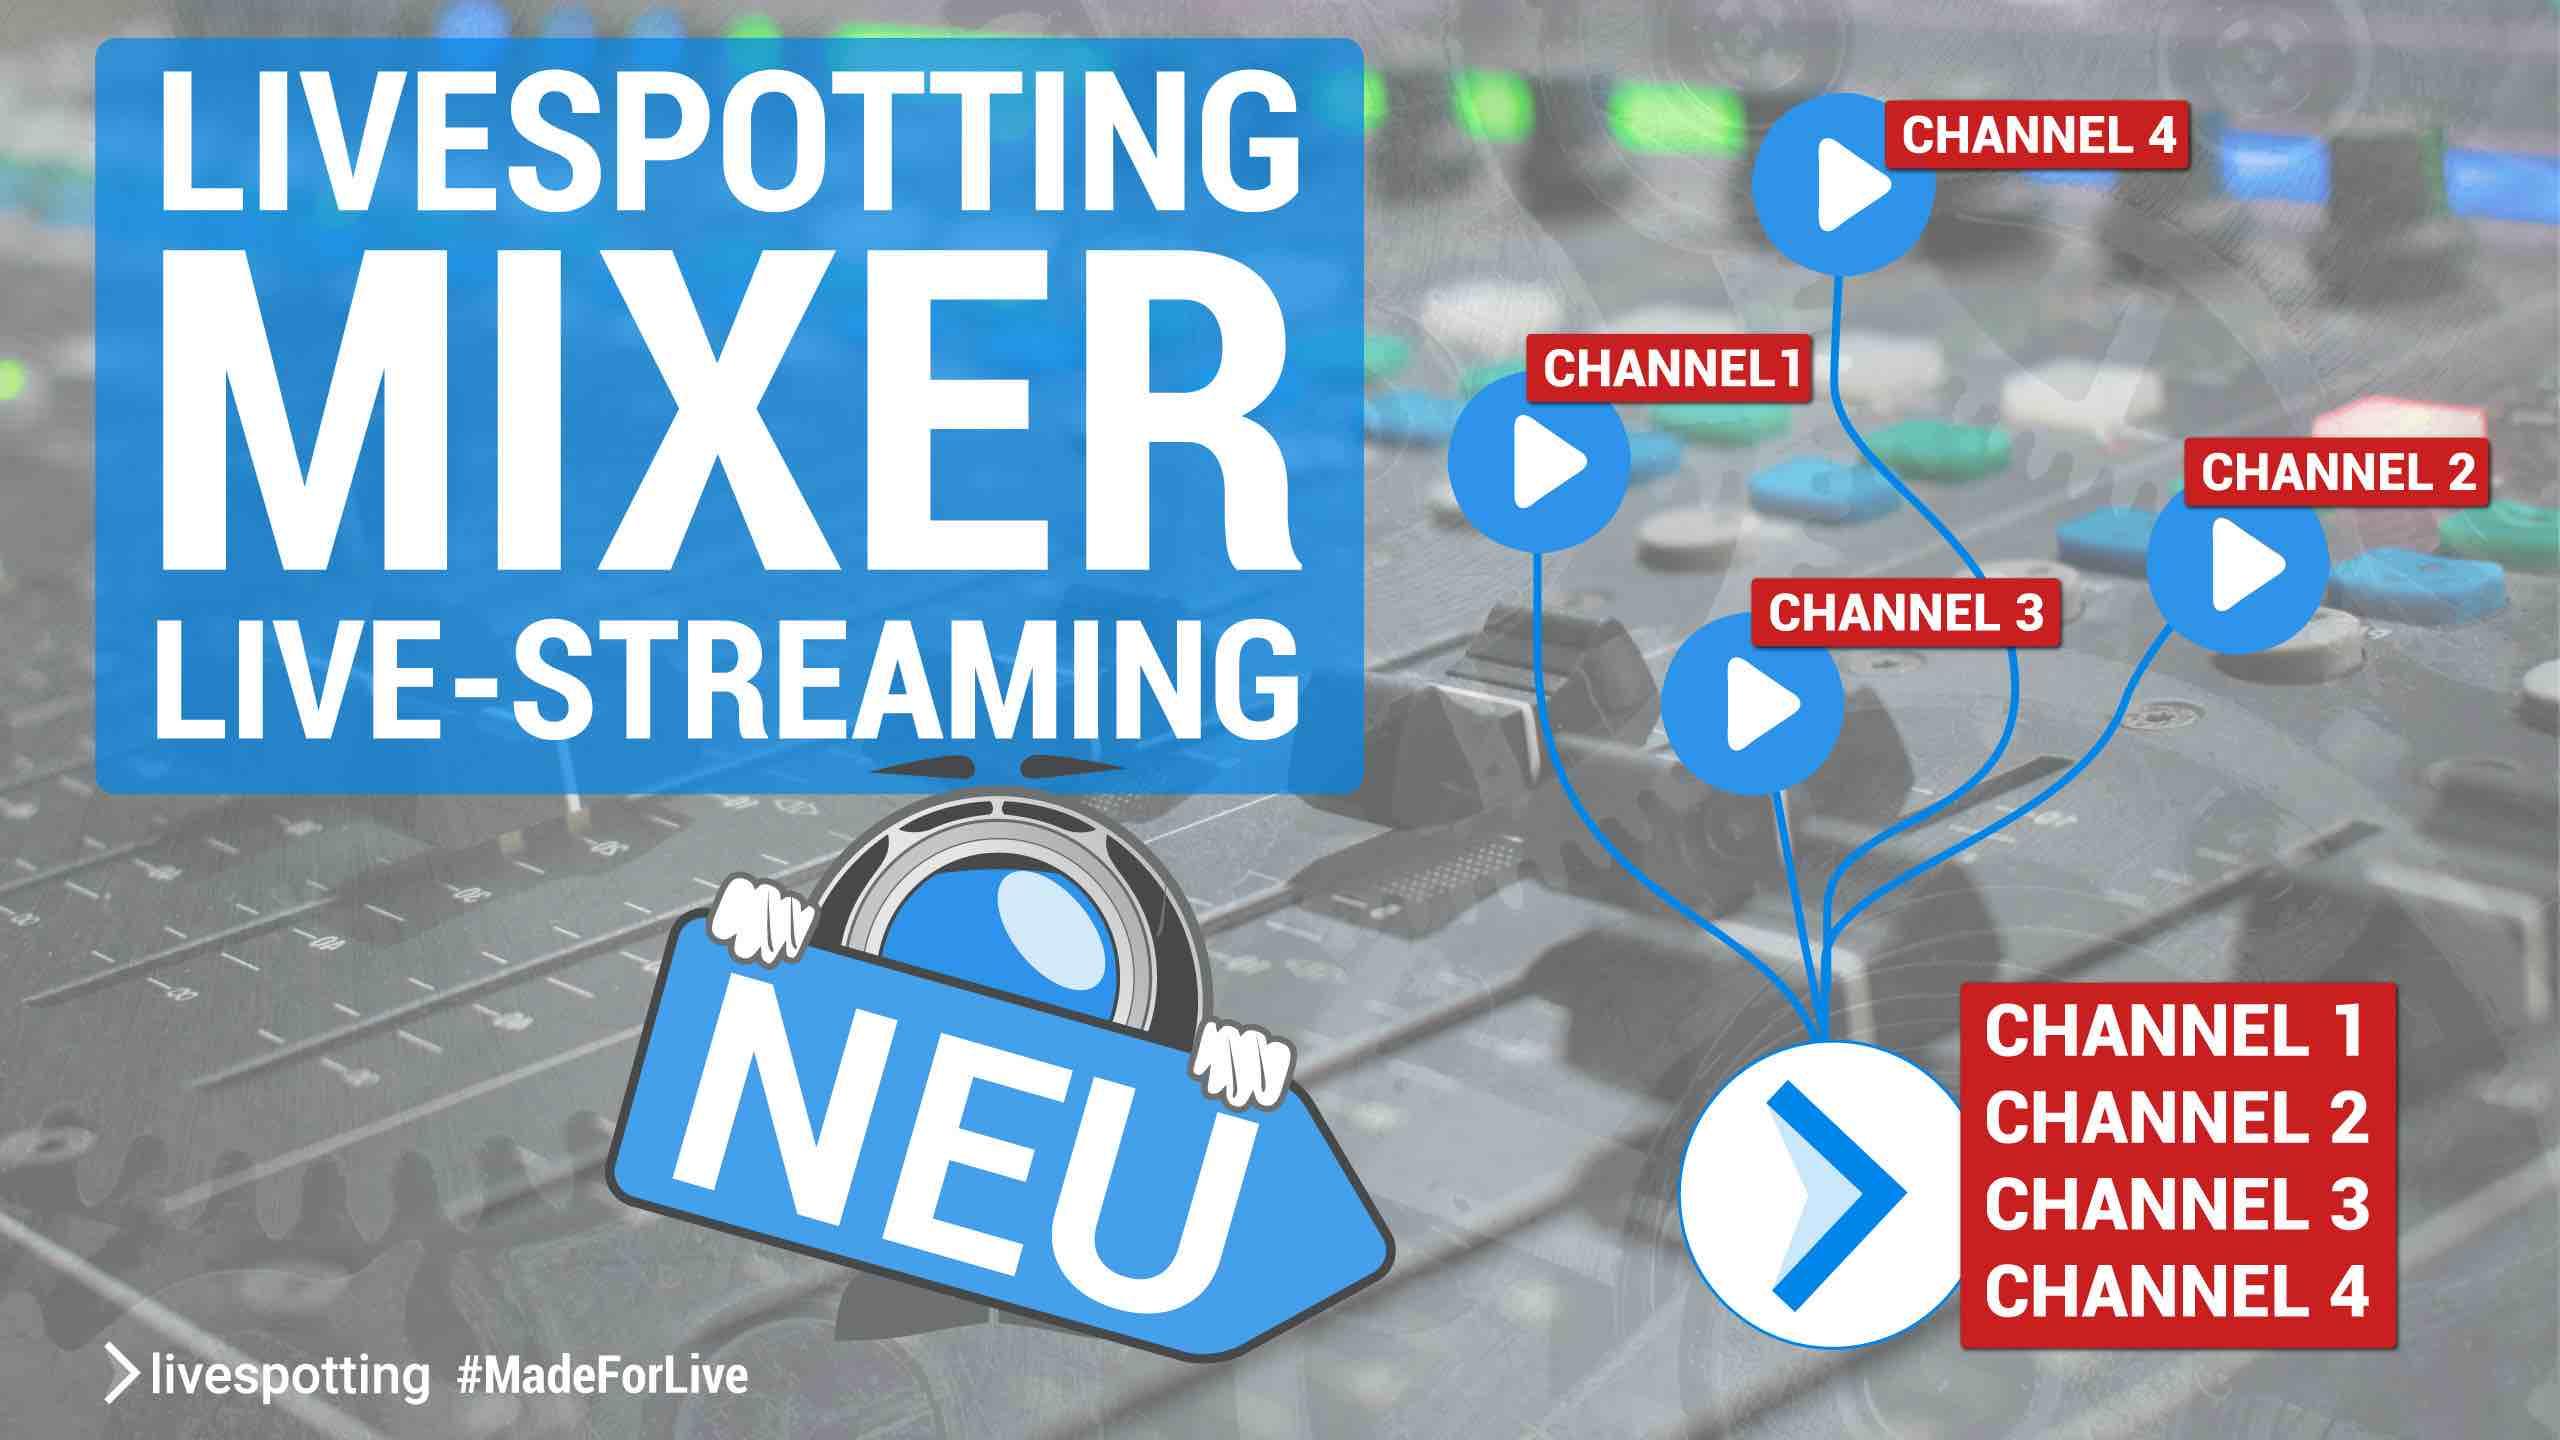 Ab sofort erhältlich! Webcam Live-Streams mixen und die neuen Möglichkeiten nutzen